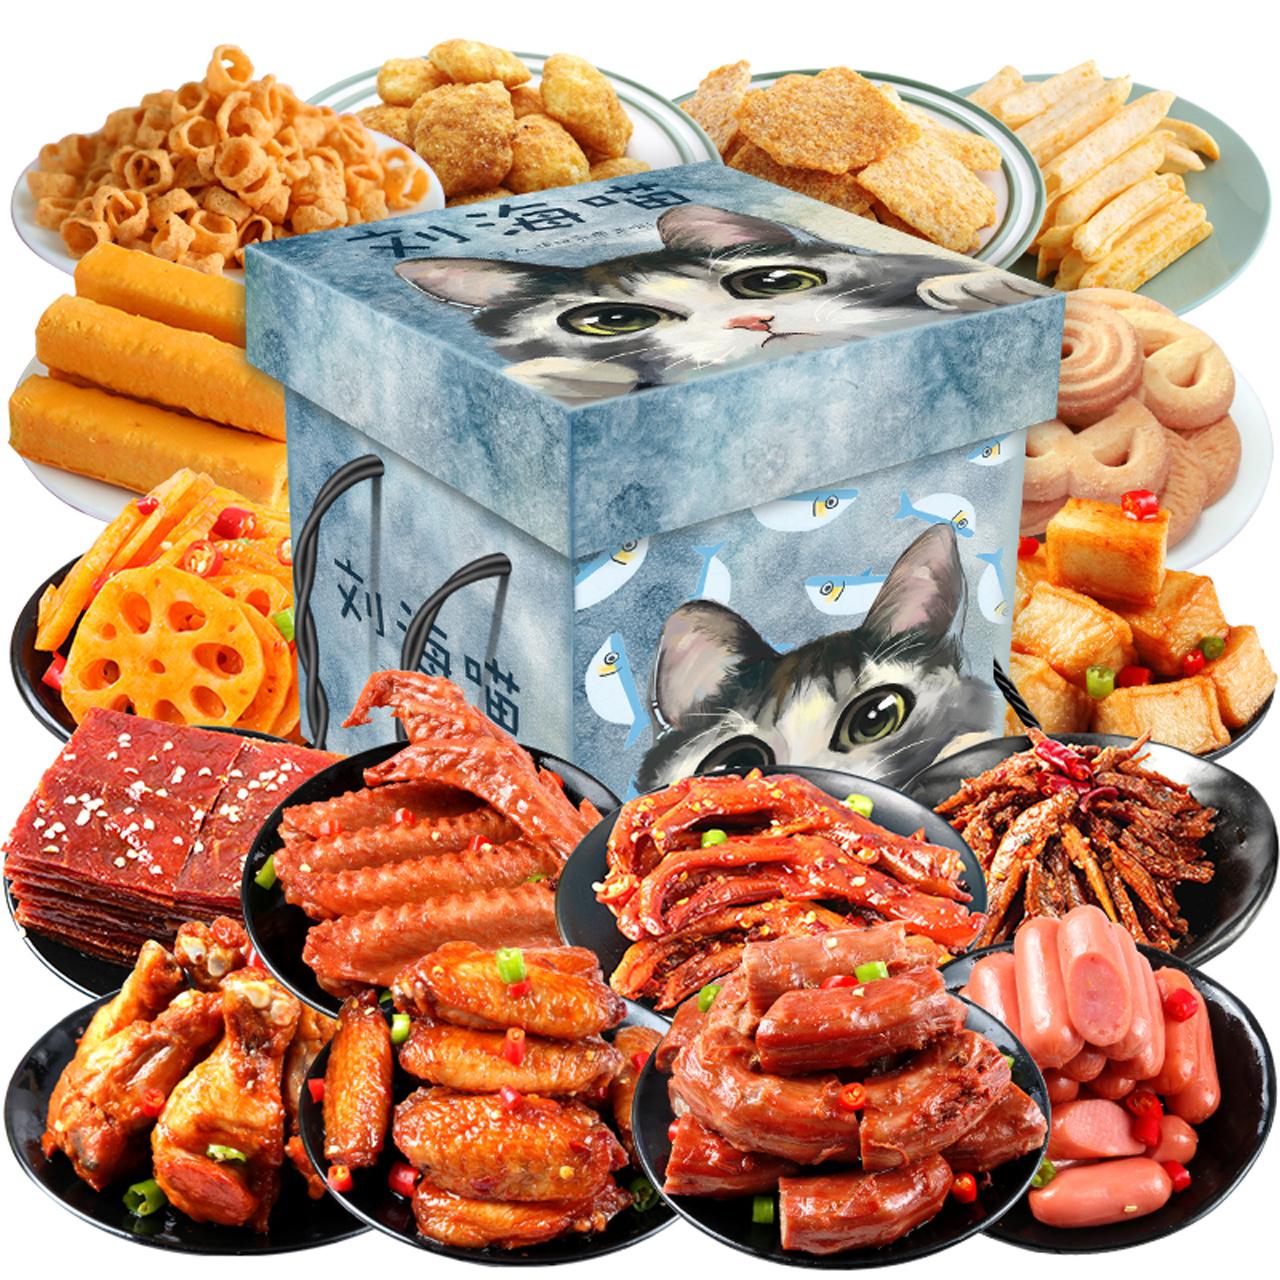 年货进口猪饲料零食大礼包网红一箱巨型小女超大休闲小吃食品散装